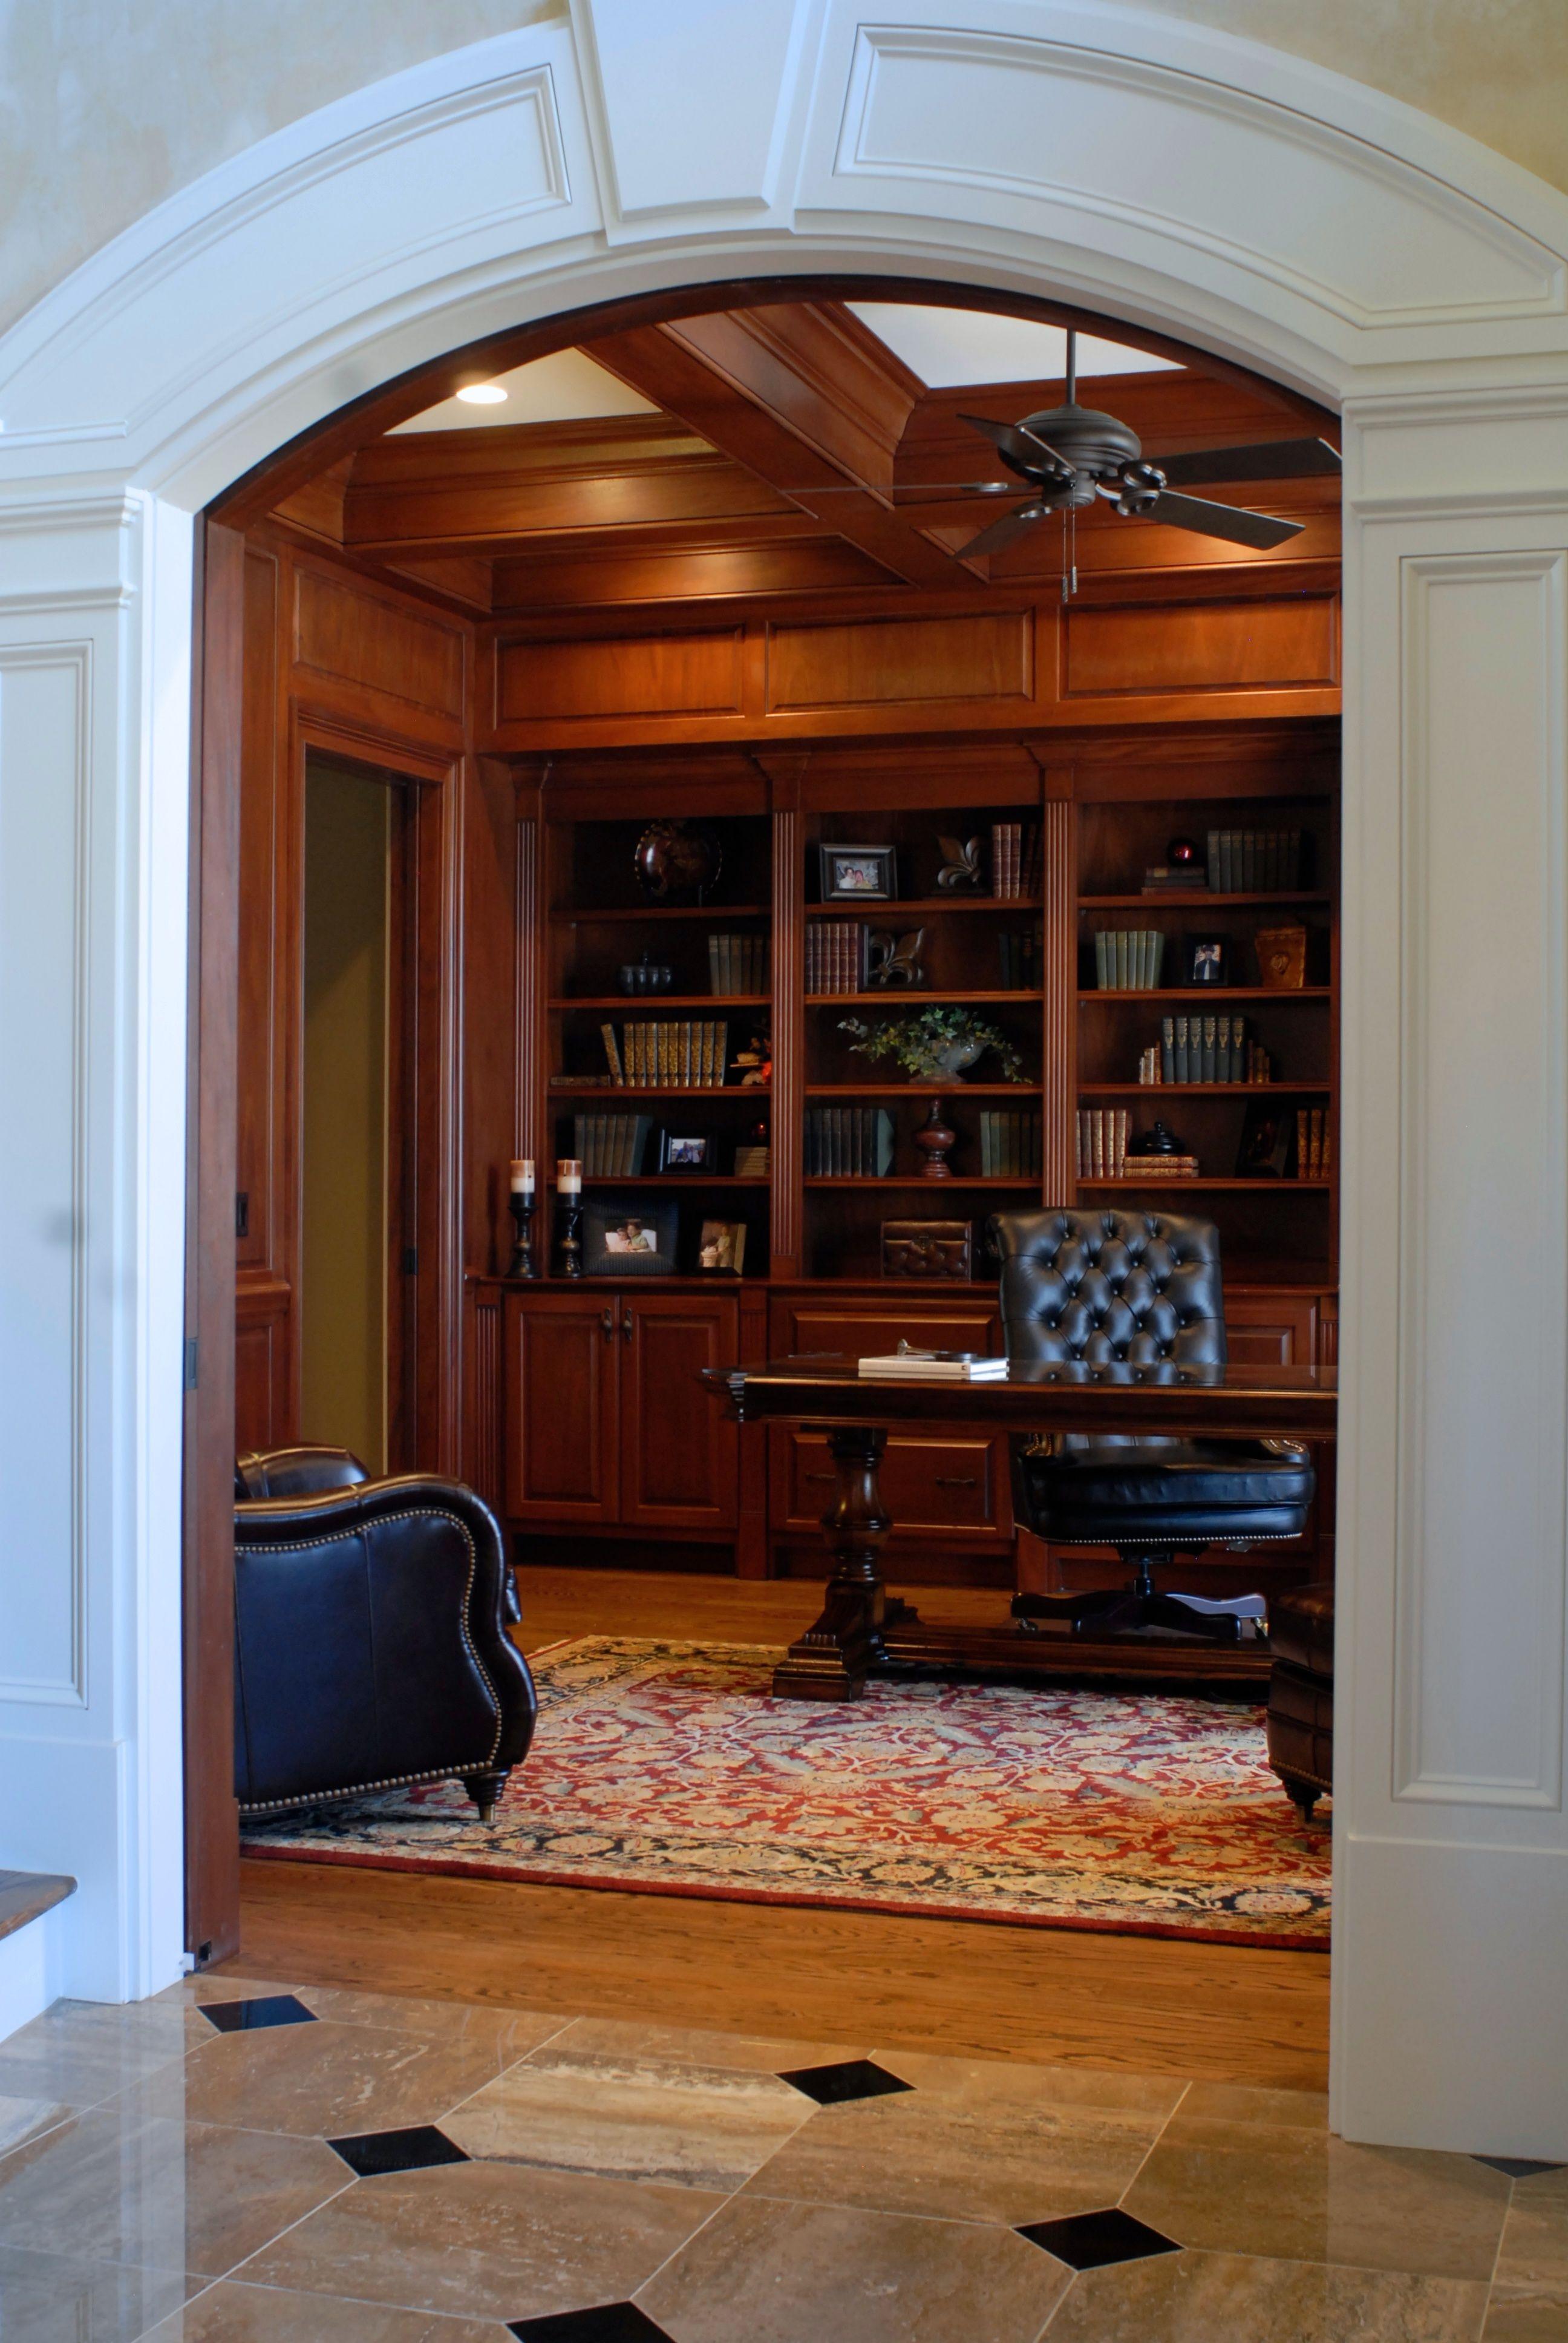 Gentil Interior Design U2022 Greenville, SC U2022 Kilgore Plantation U2022 Interior Cues, LLC